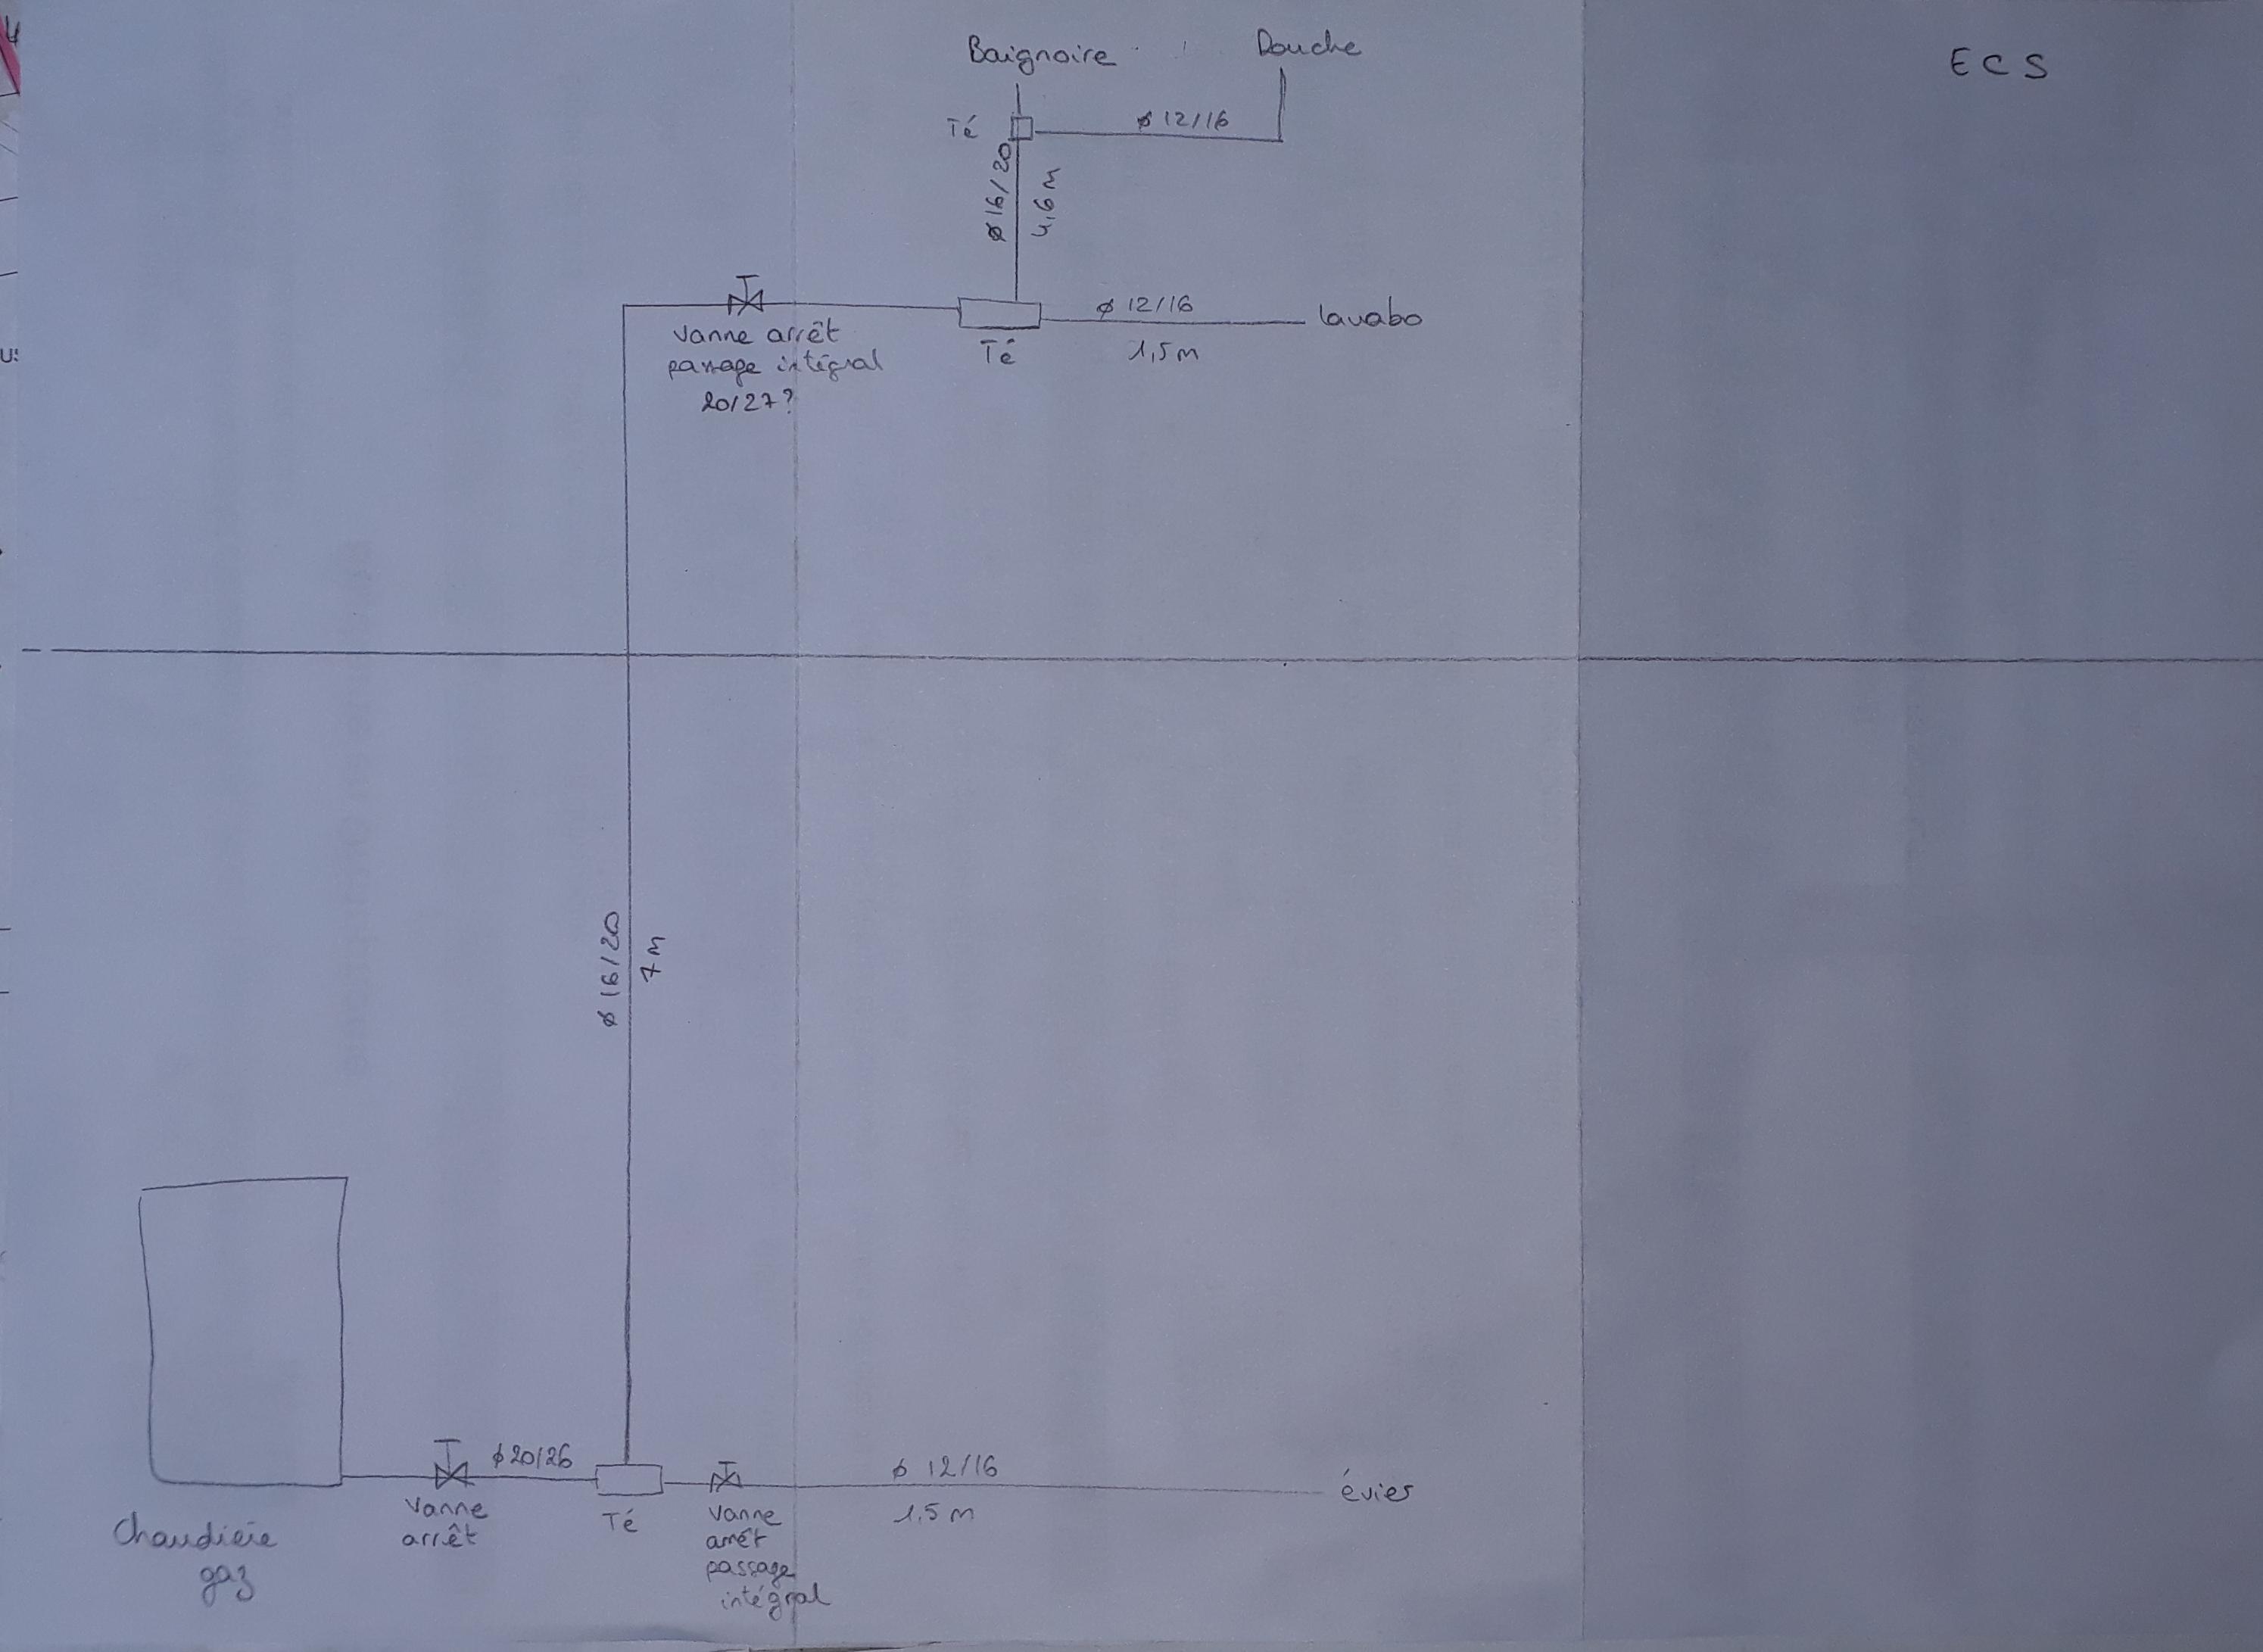 schéma ECS.jpg, 2.4 mb, 2989 x 2182